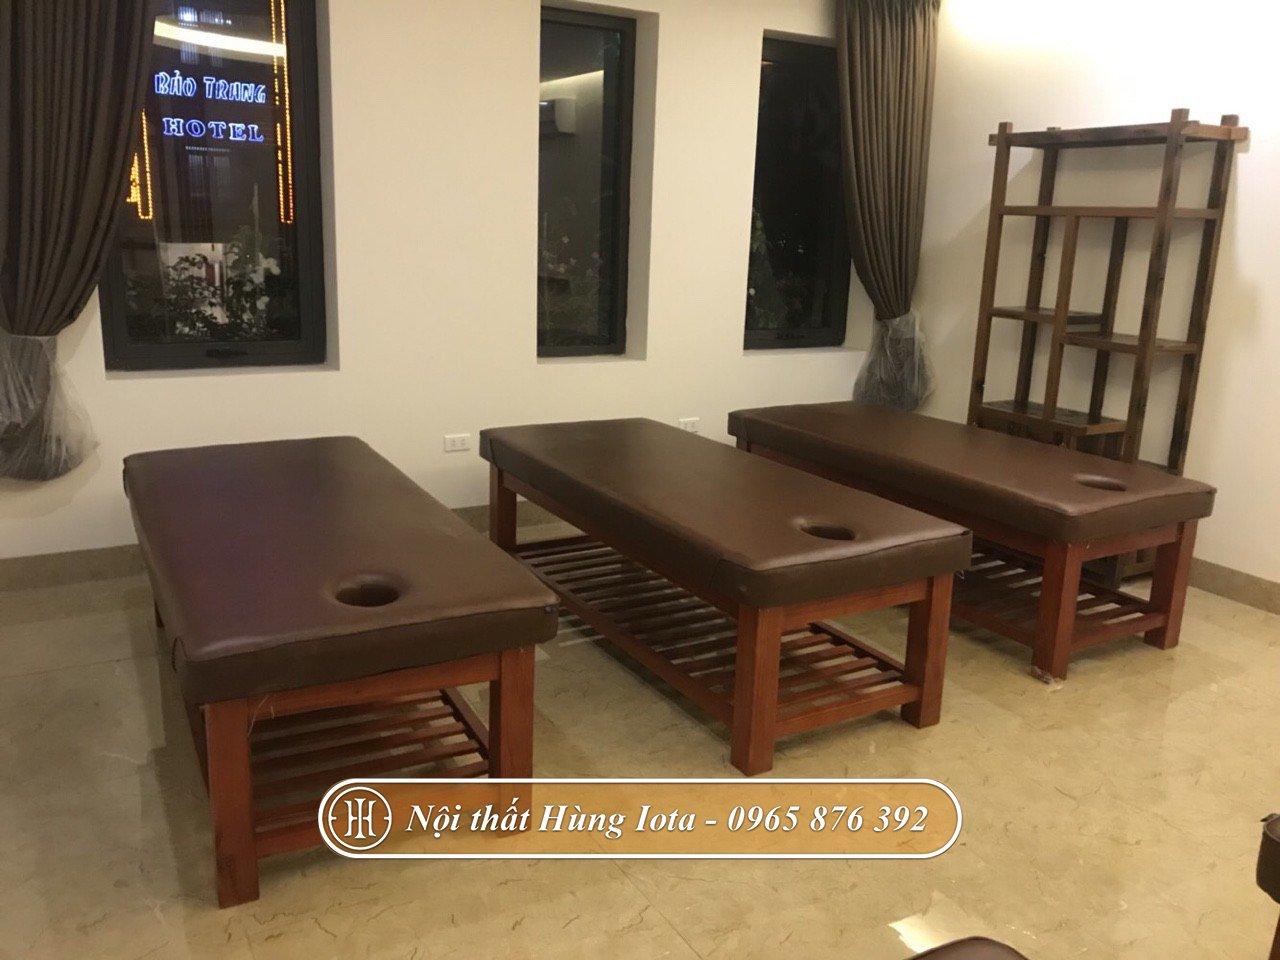 Hệ thống giường massage đẹp chất lượng